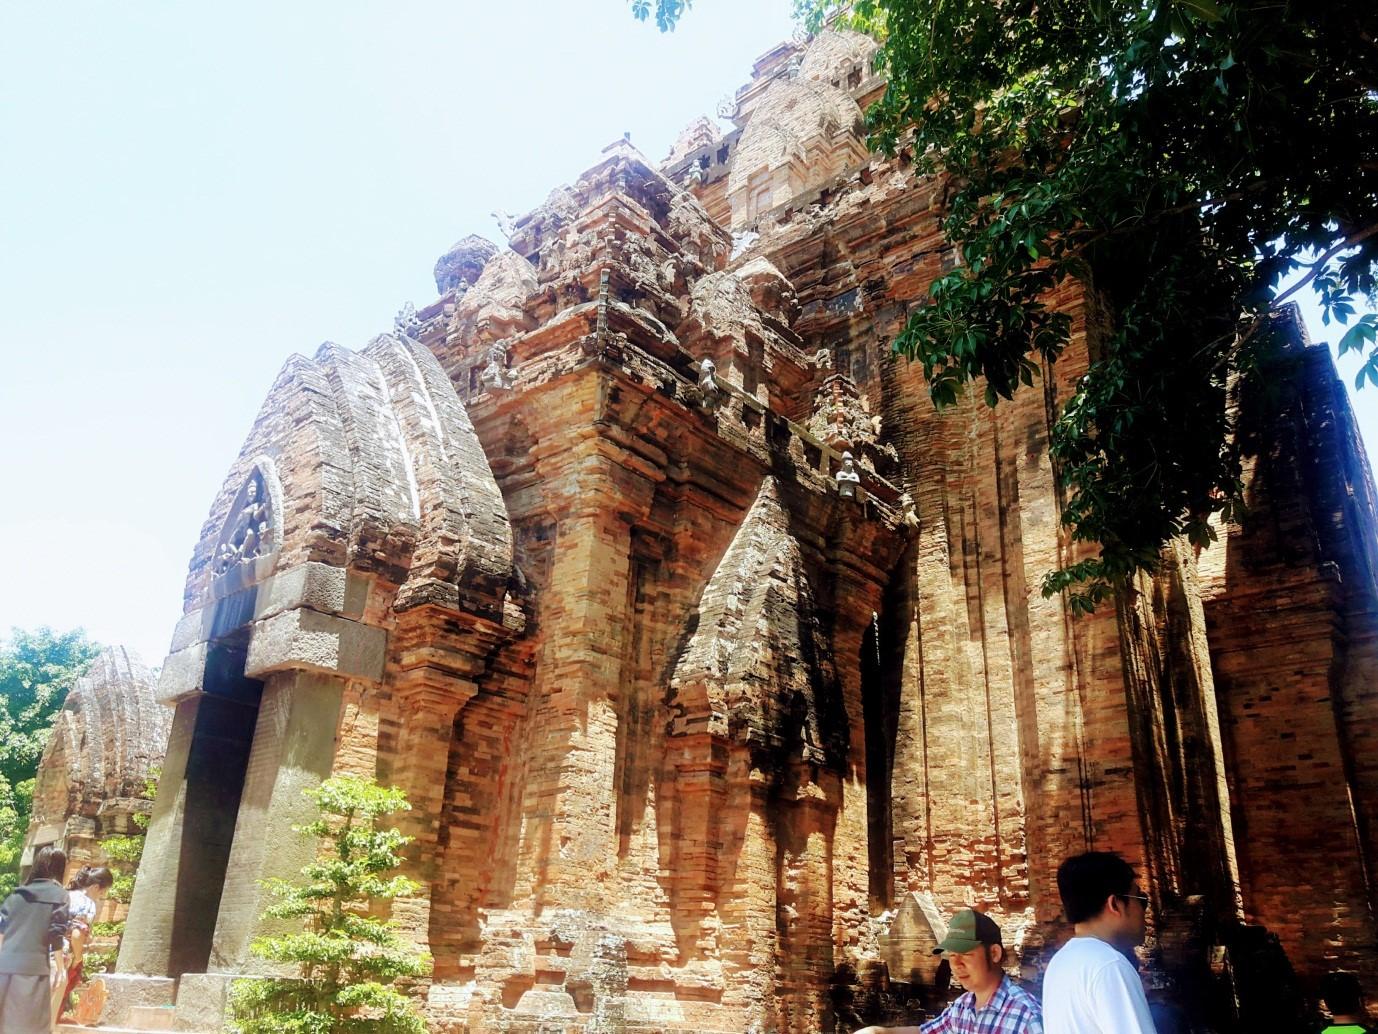 Du lịch Nha Trang để thấy Việt Nam đẹp mê đắm thế nào? - 26